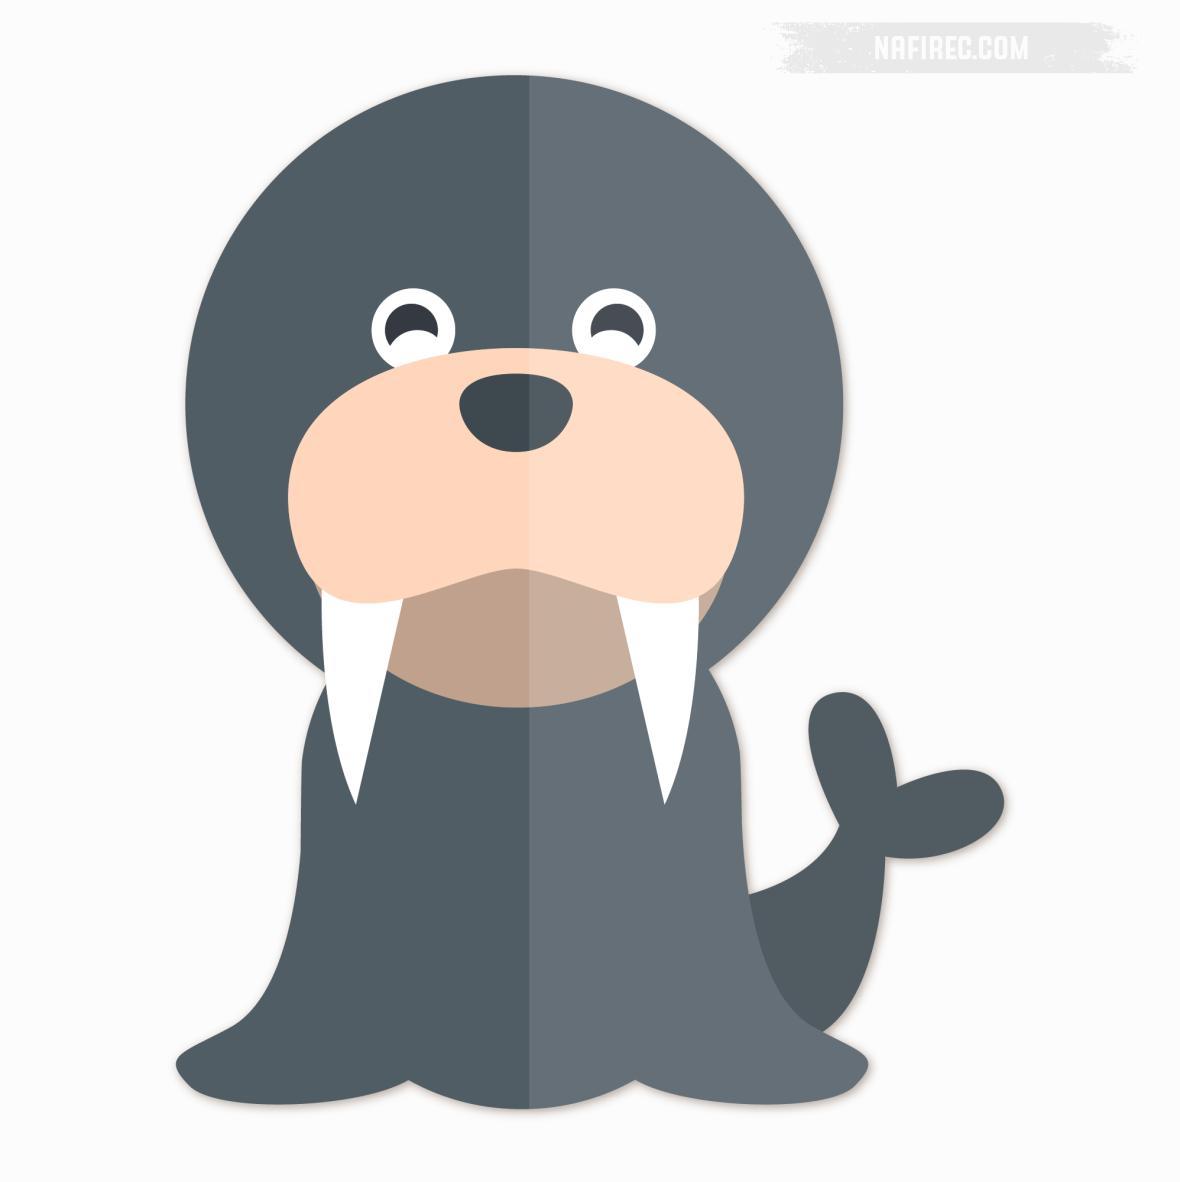 Ilustasi Hewan Anjing Laut Mewarnai Anak Nafi Record